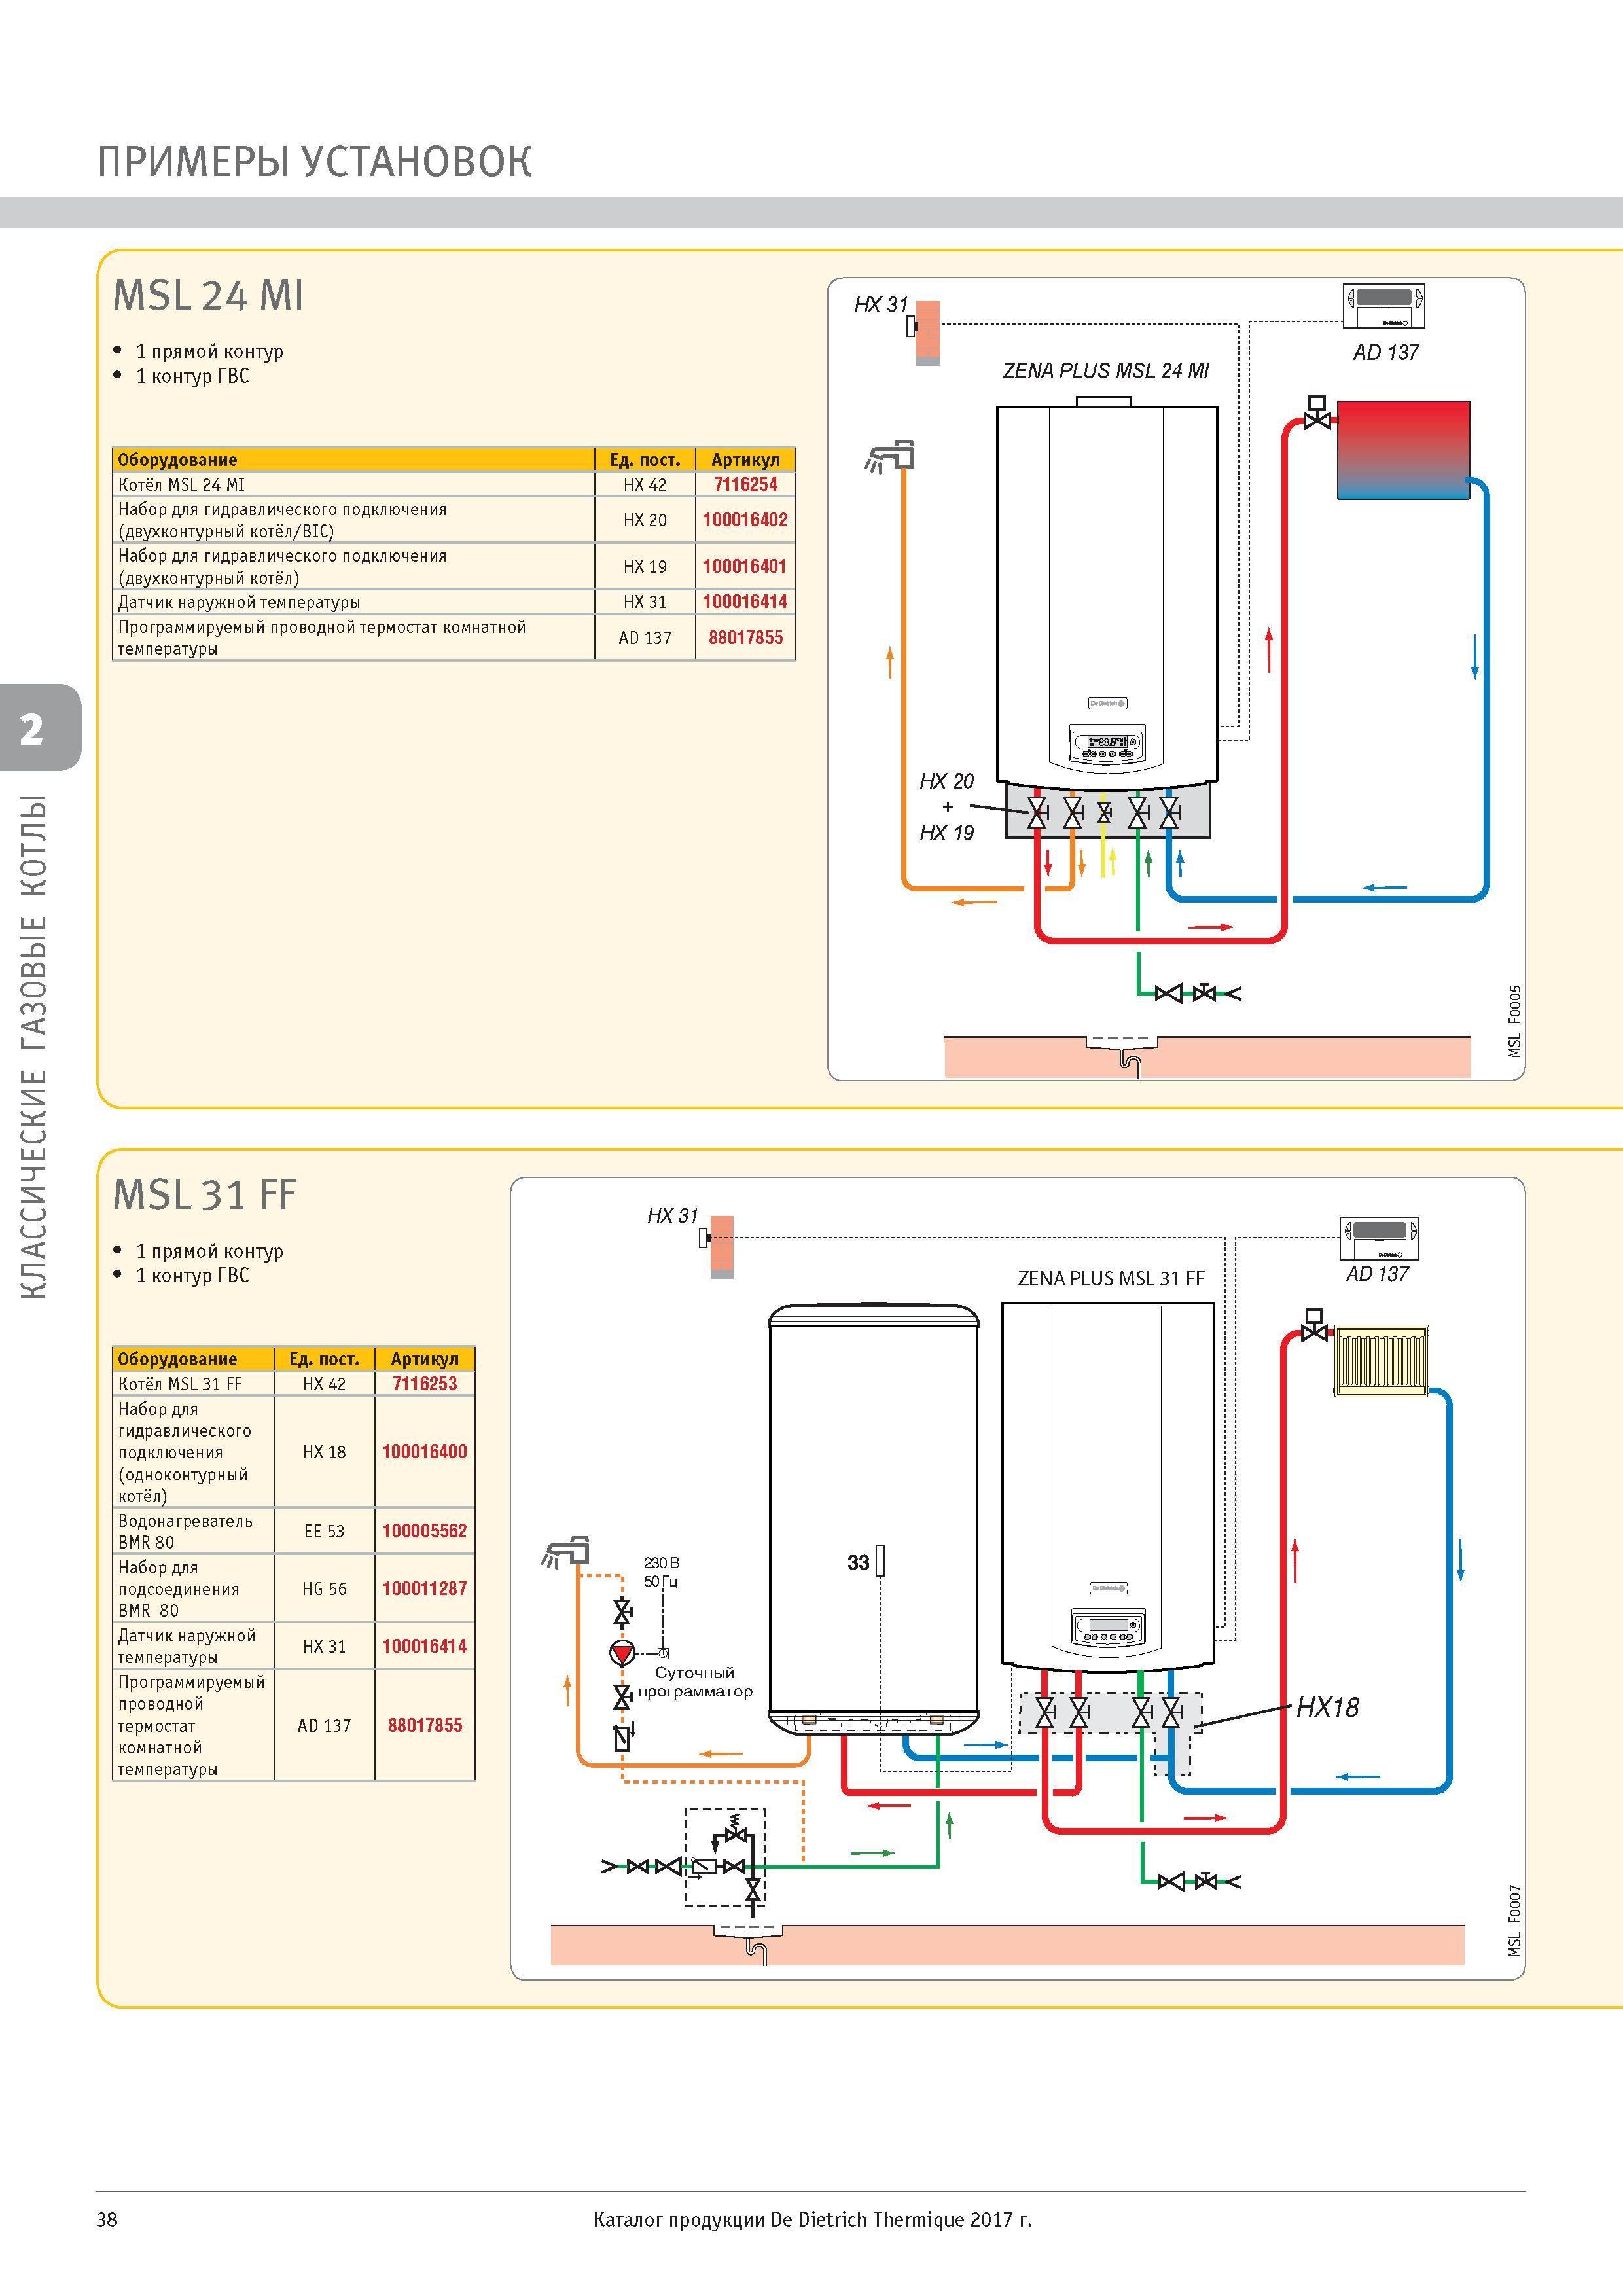 Одноконтурный настенный газовый котел: отзывы, критерии выбора